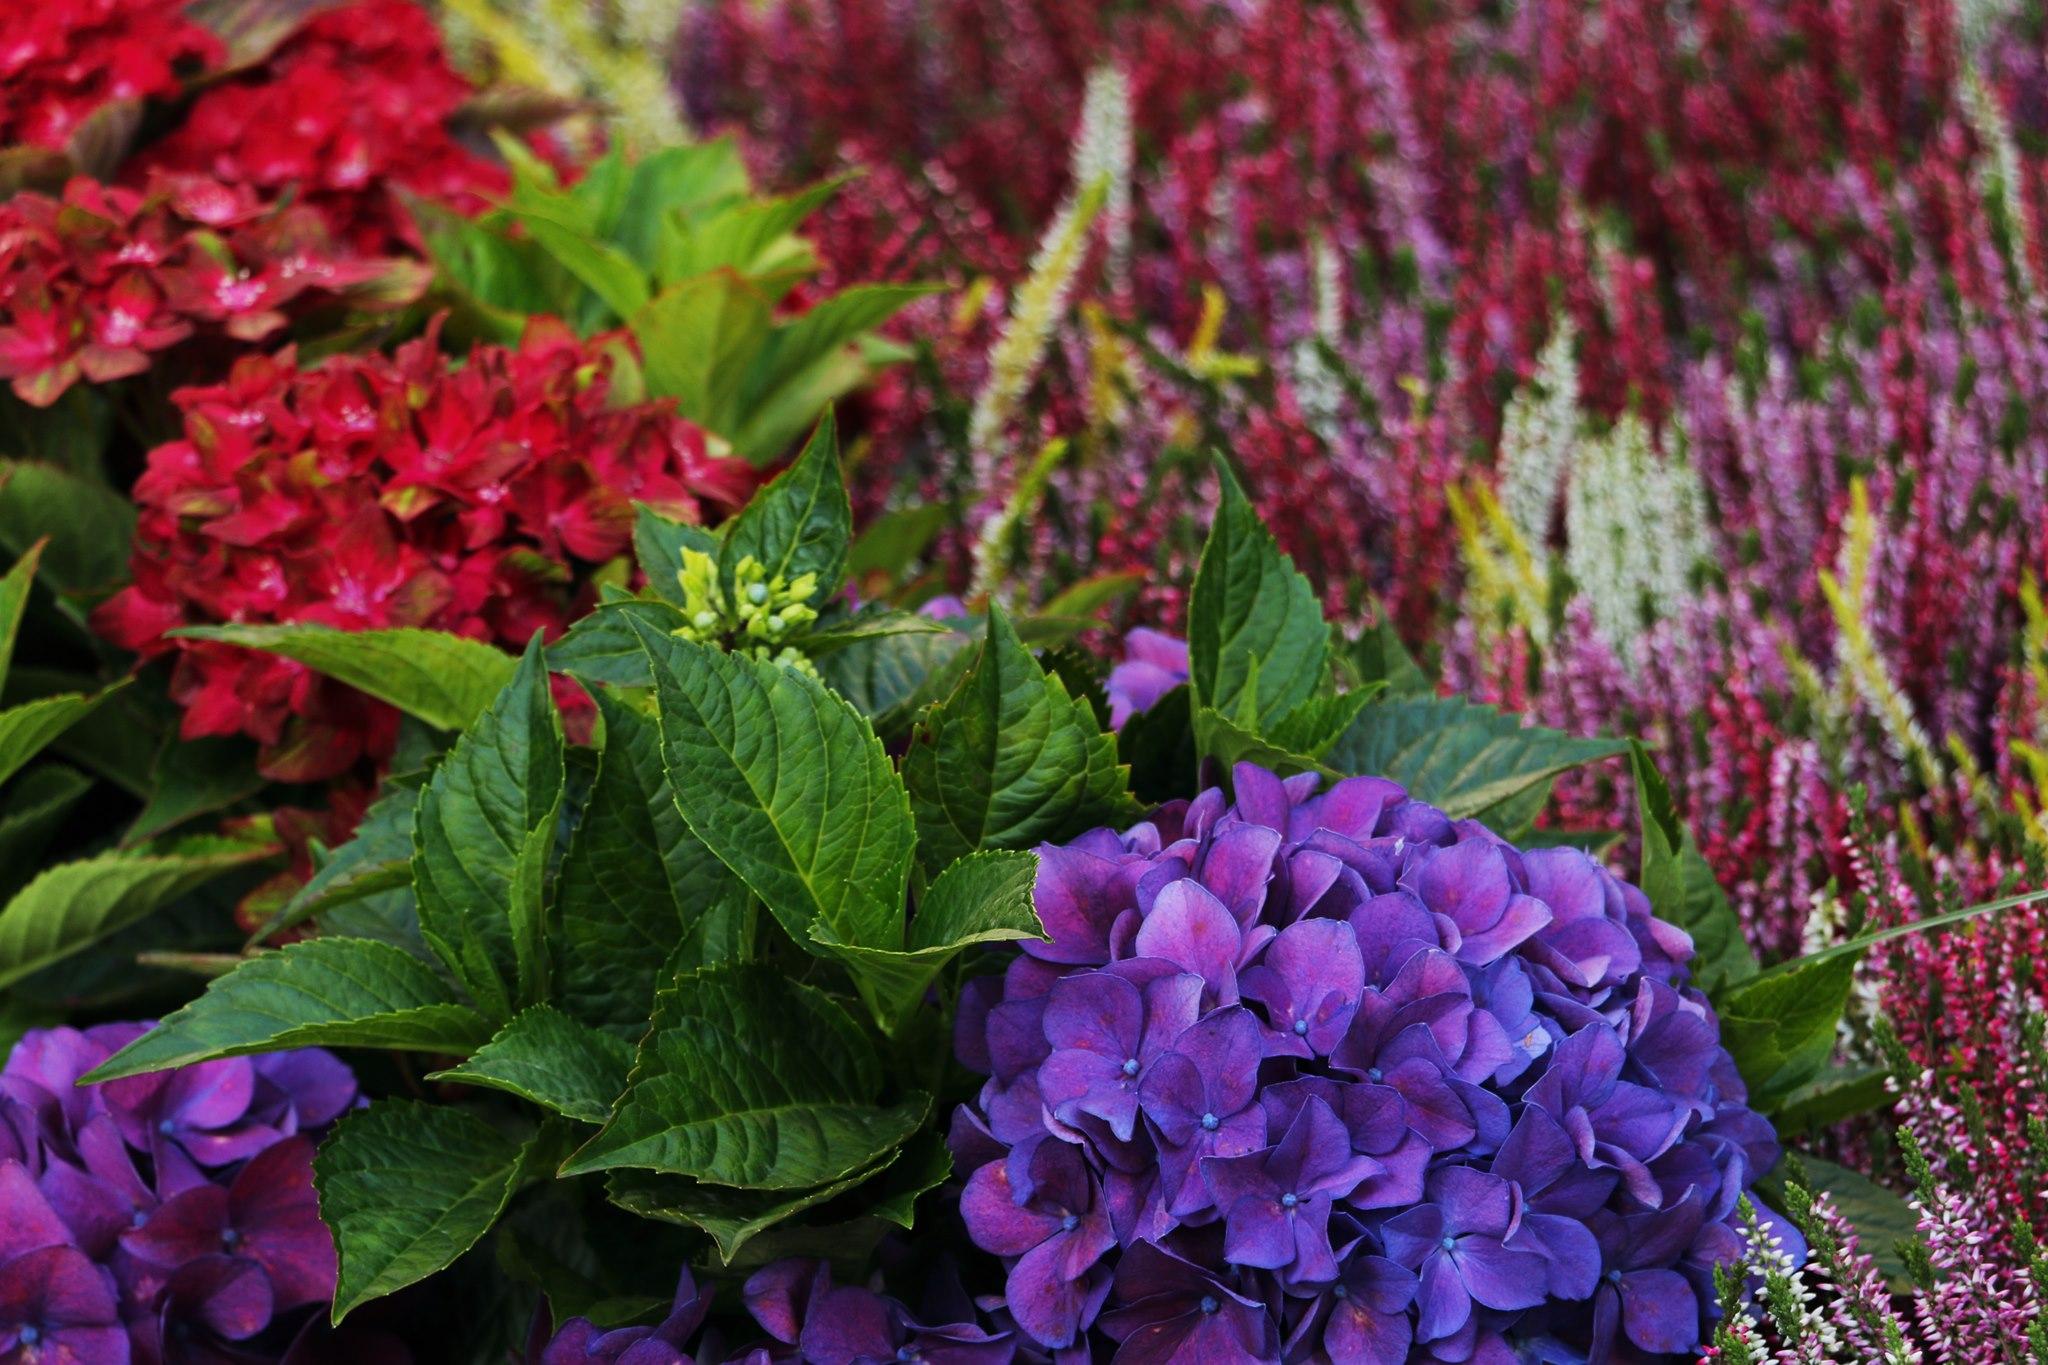 Pamiętajcie o ogrodach - Kiermasz Ogrodniczy na Wałach Chrobrego